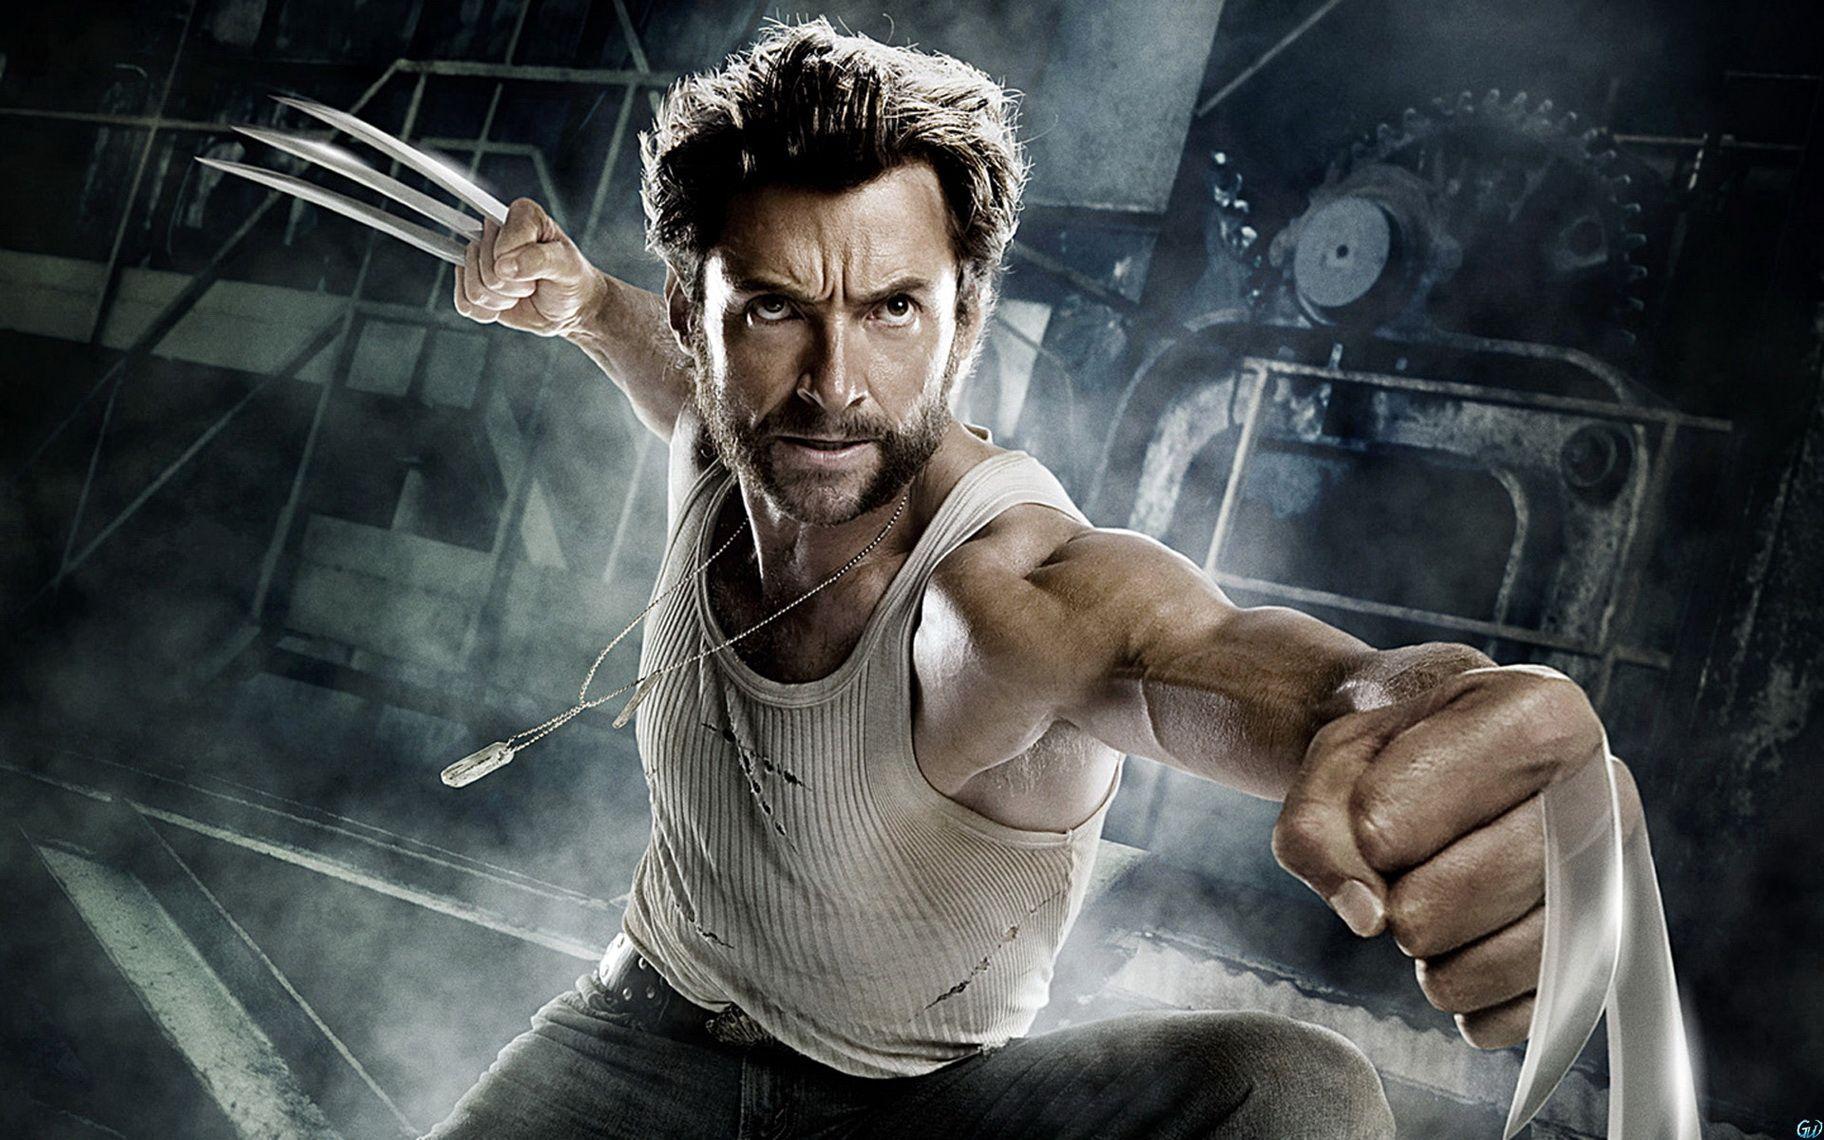 X Men Wolverine Movie Hd Wallpapers X Men Wolverine Movie Hd